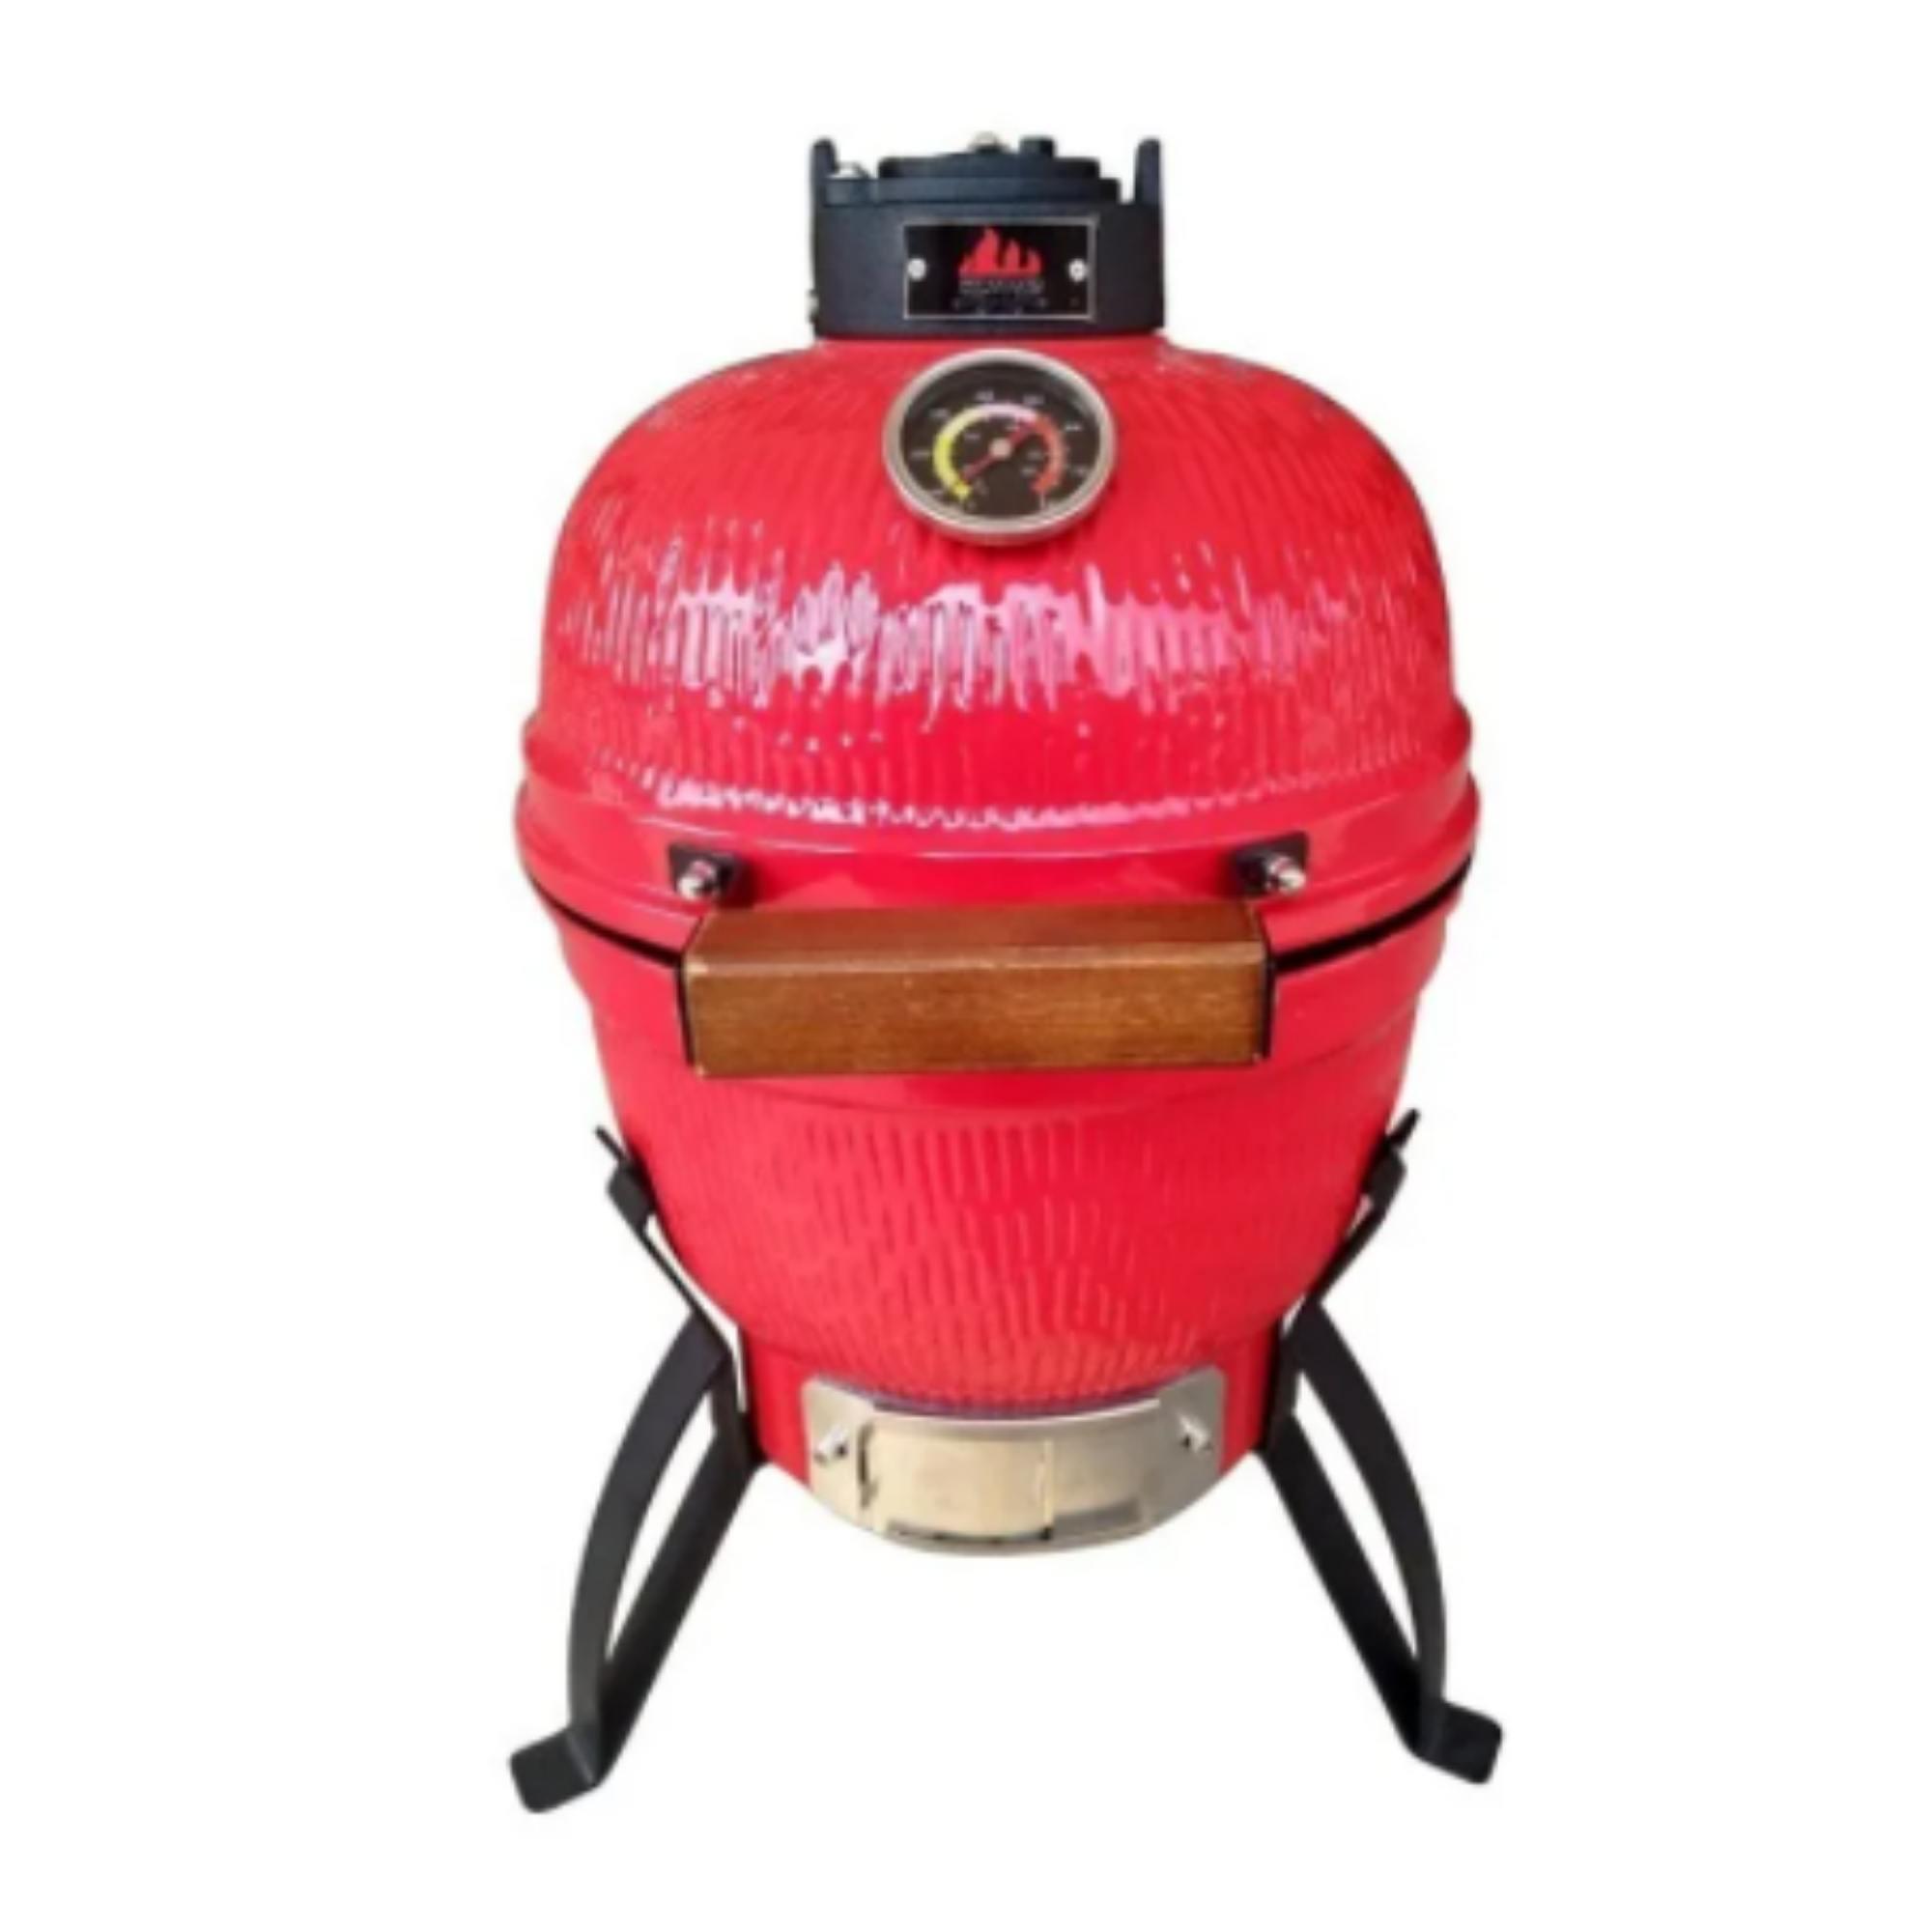 Churrasqueira Kamado Big Bob Egg Cerâmica Classic 13 Vermelha